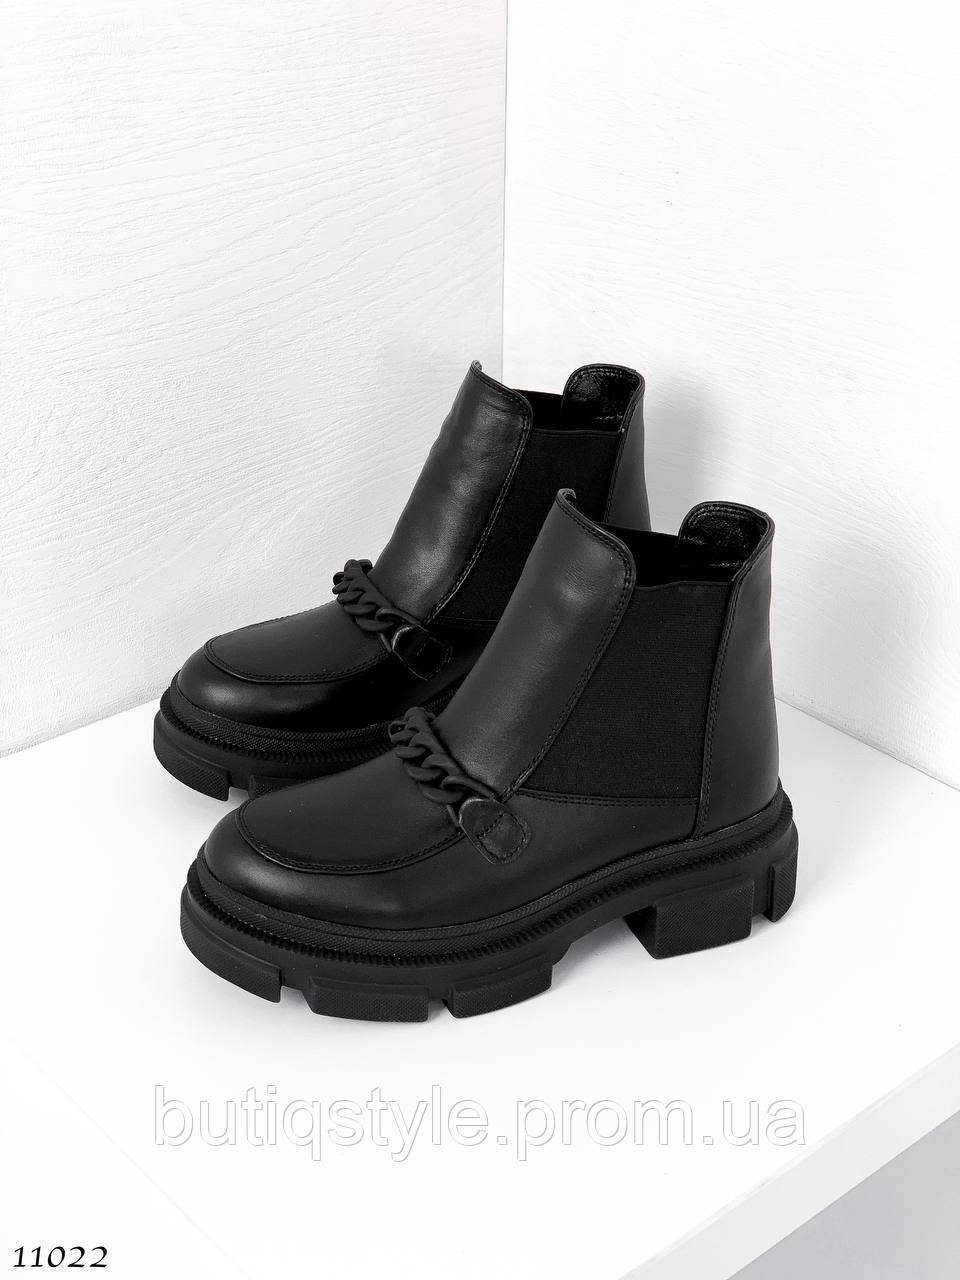 Жіночі чорні черевики натуральна шкіра з ланцюжком Демі